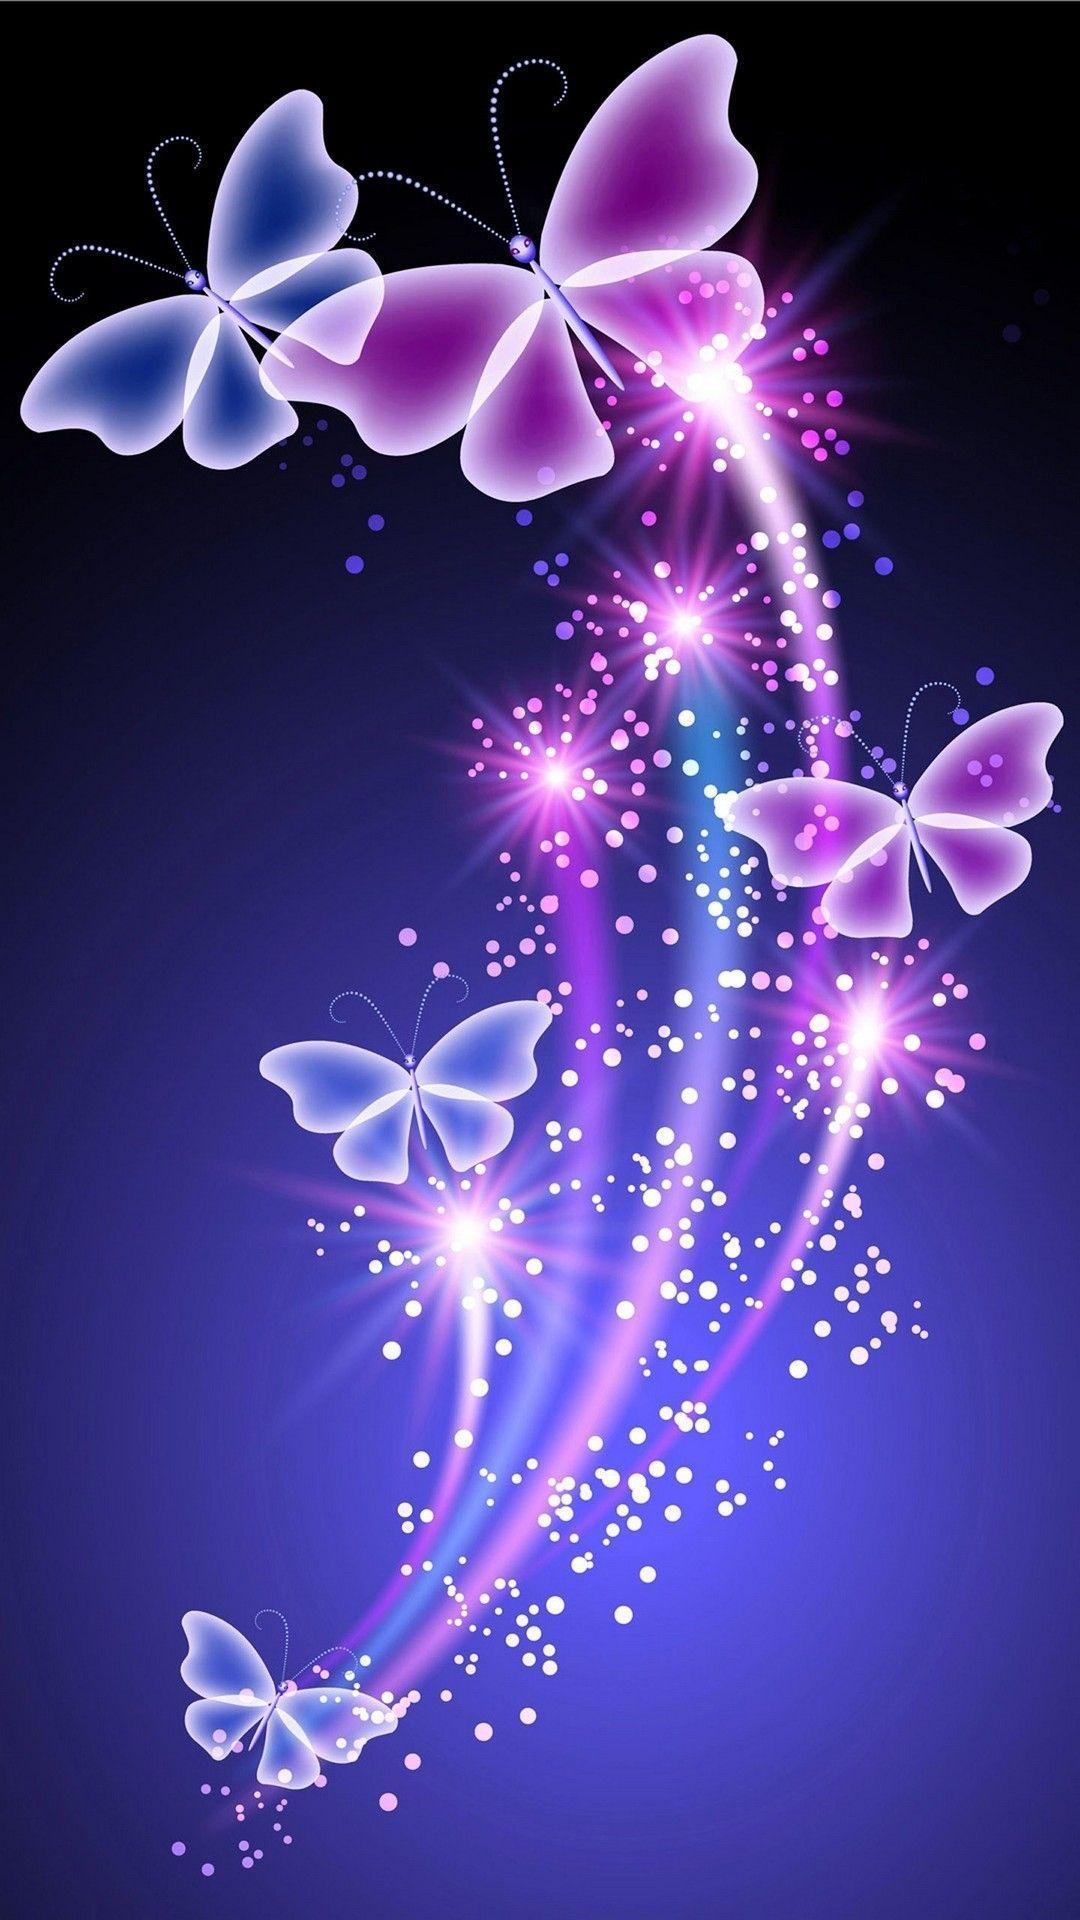 Hình nền hình nền con bướm xinh xắn 1080x1920